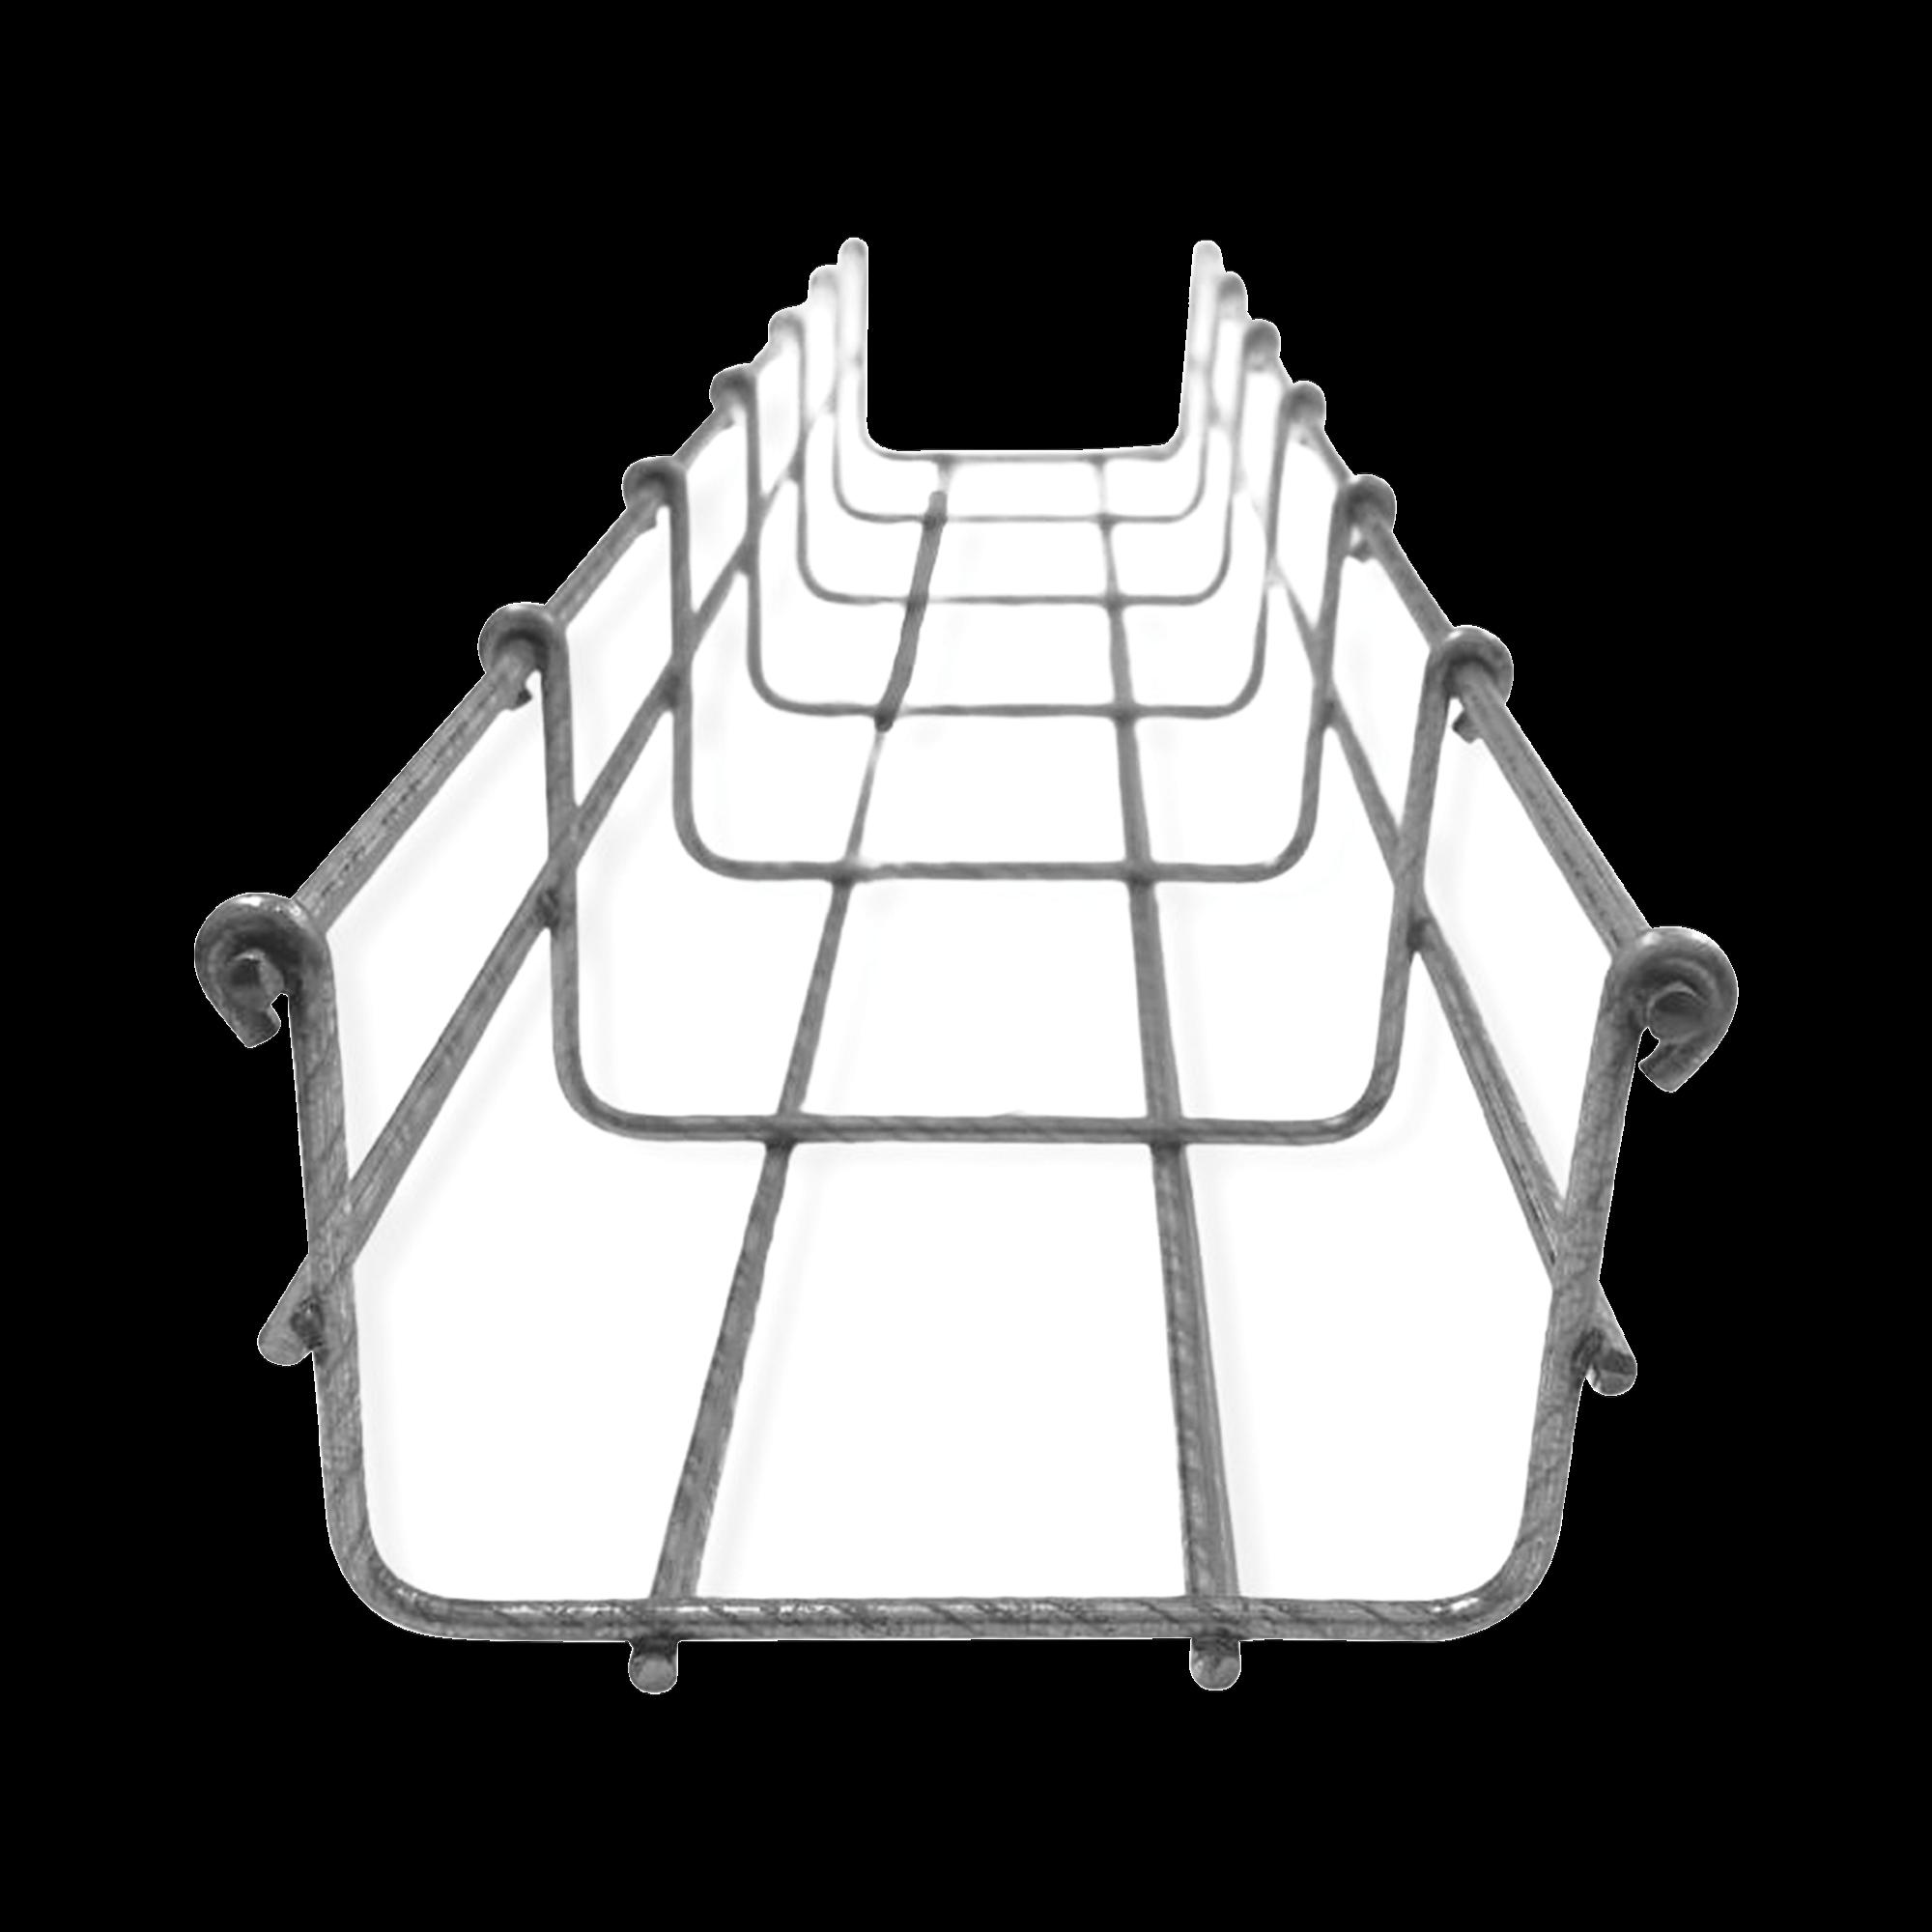 Charola tipo malla 54/100 mm BIMETáLICA para Instalación en Exterior o Interior, Extrema Resistencia y Durabilidad. Hasta 86 cables Cat6 (Tramo de 3 metros)